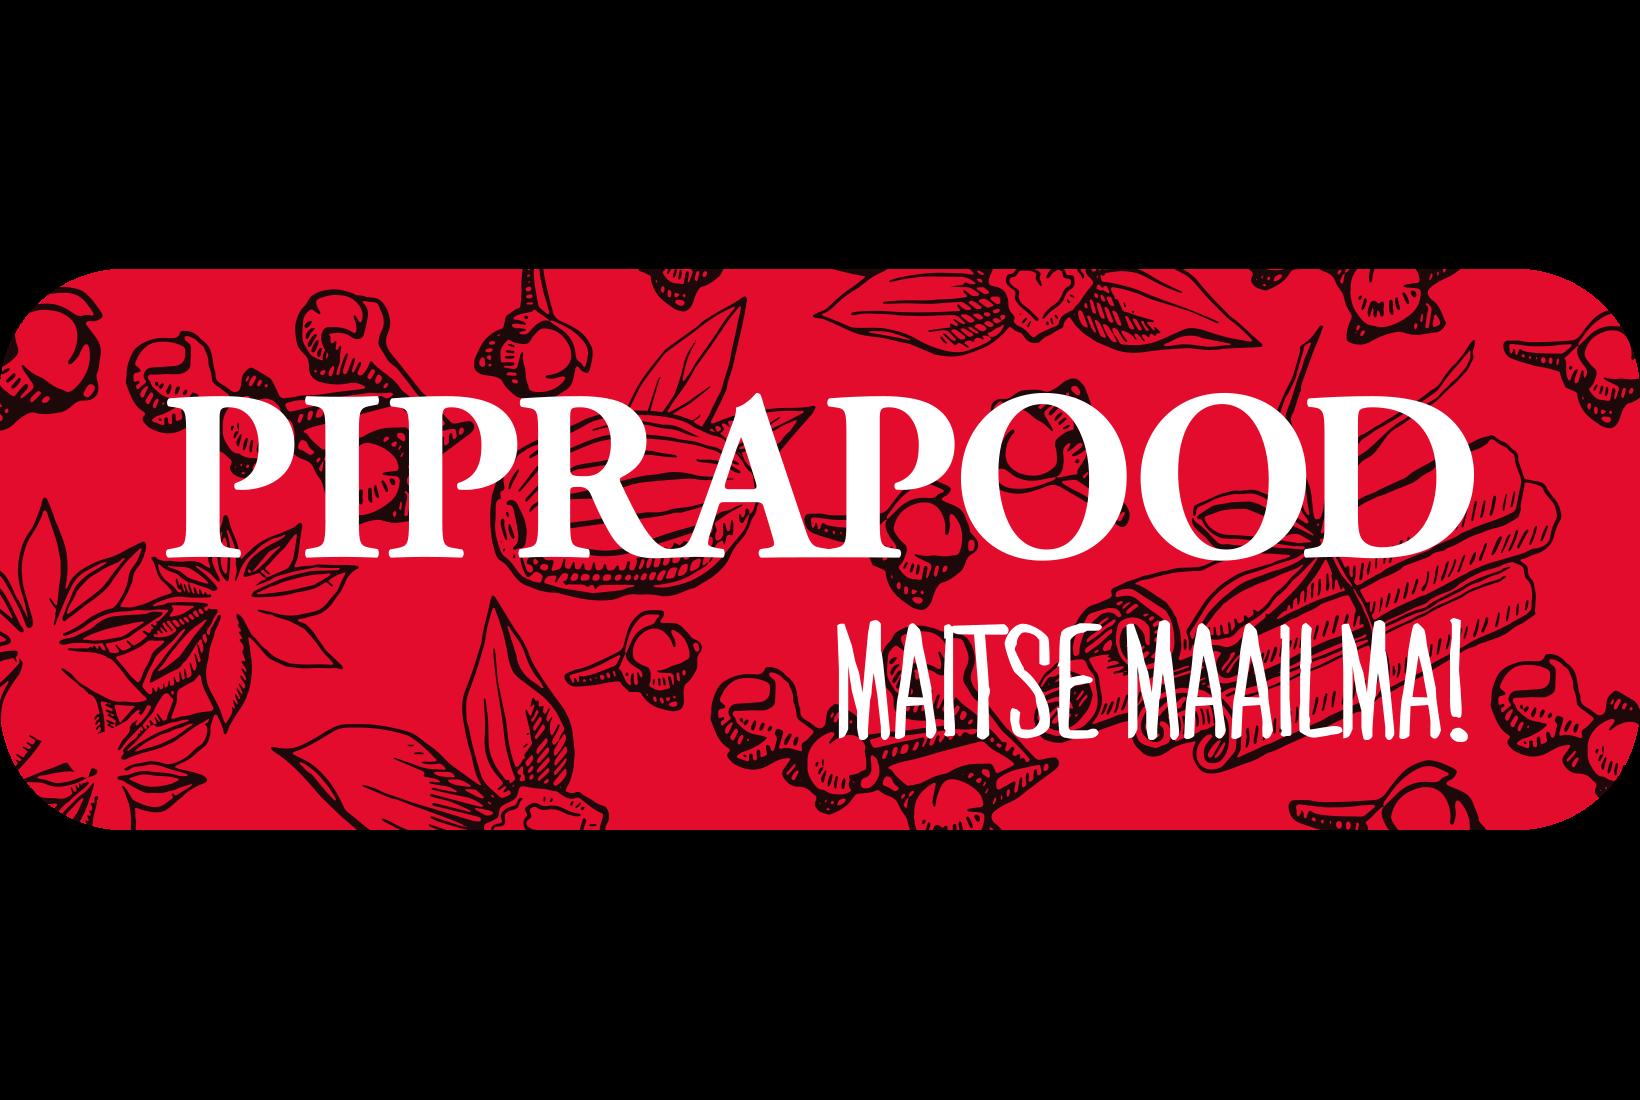 Piprapood